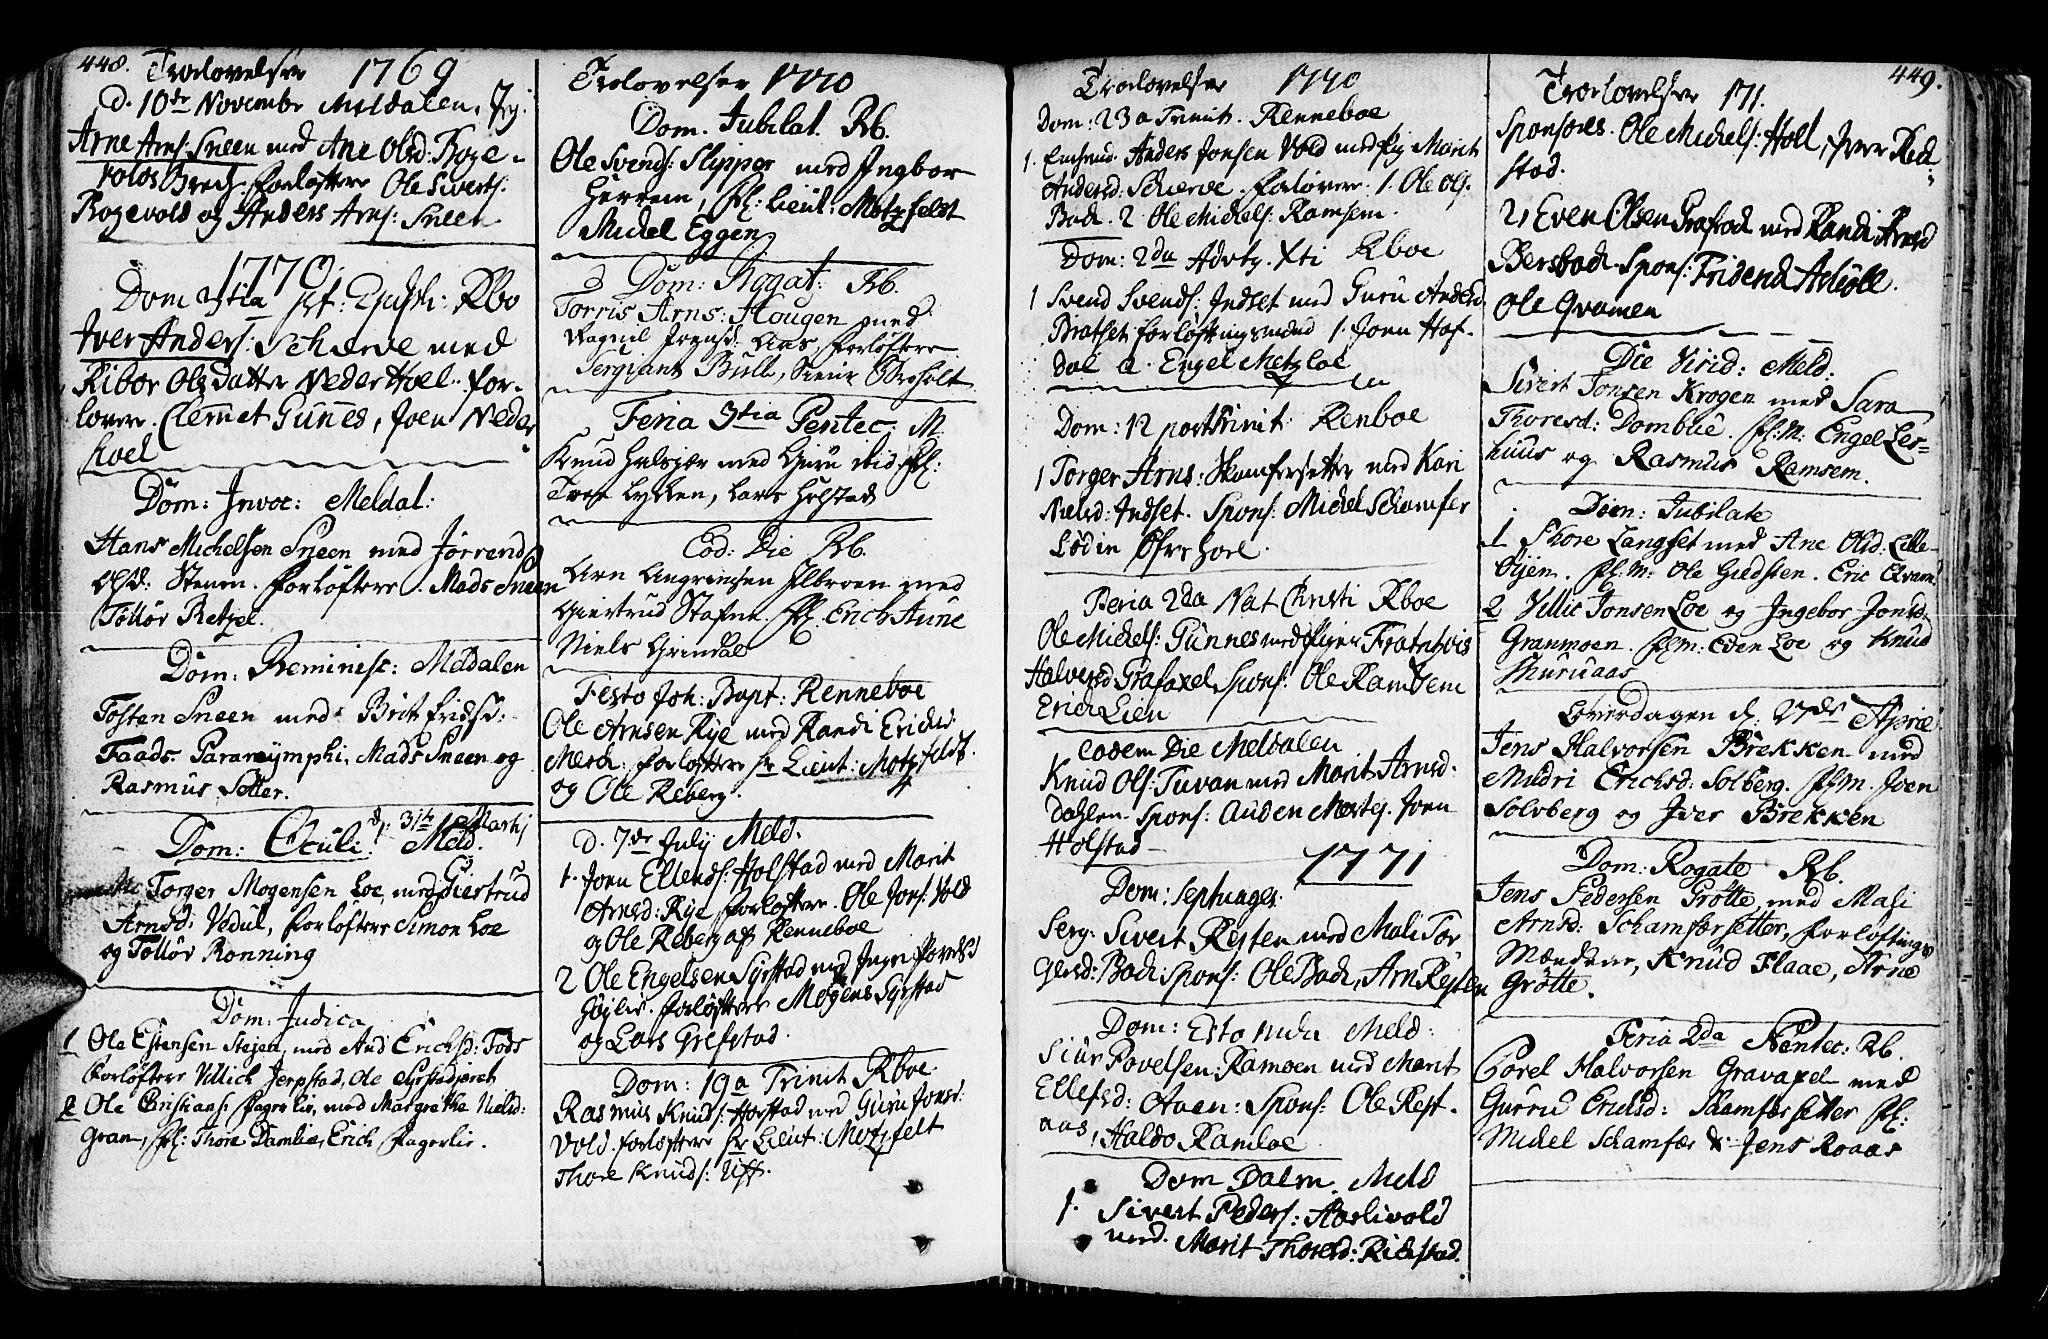 SAT, Ministerialprotokoller, klokkerbøker og fødselsregistre - Sør-Trøndelag, 672/L0851: Ministerialbok nr. 672A04, 1751-1775, s. 448-449